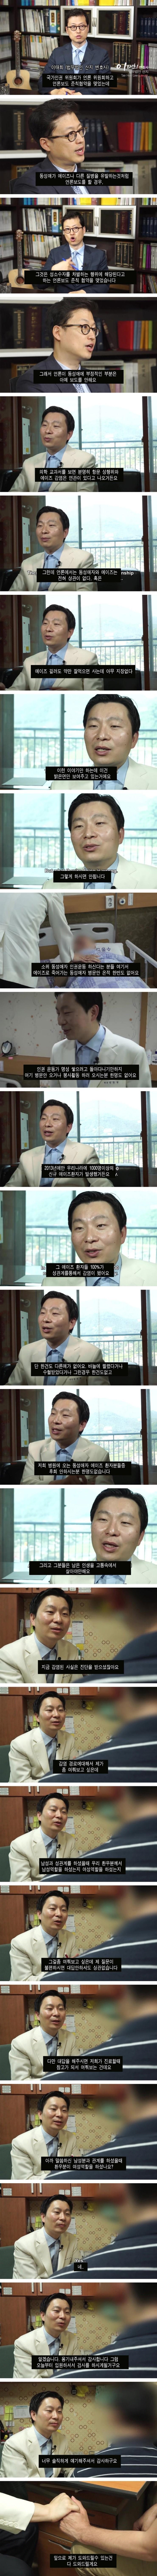 2국가인권위 동성애 거짓말.jpg